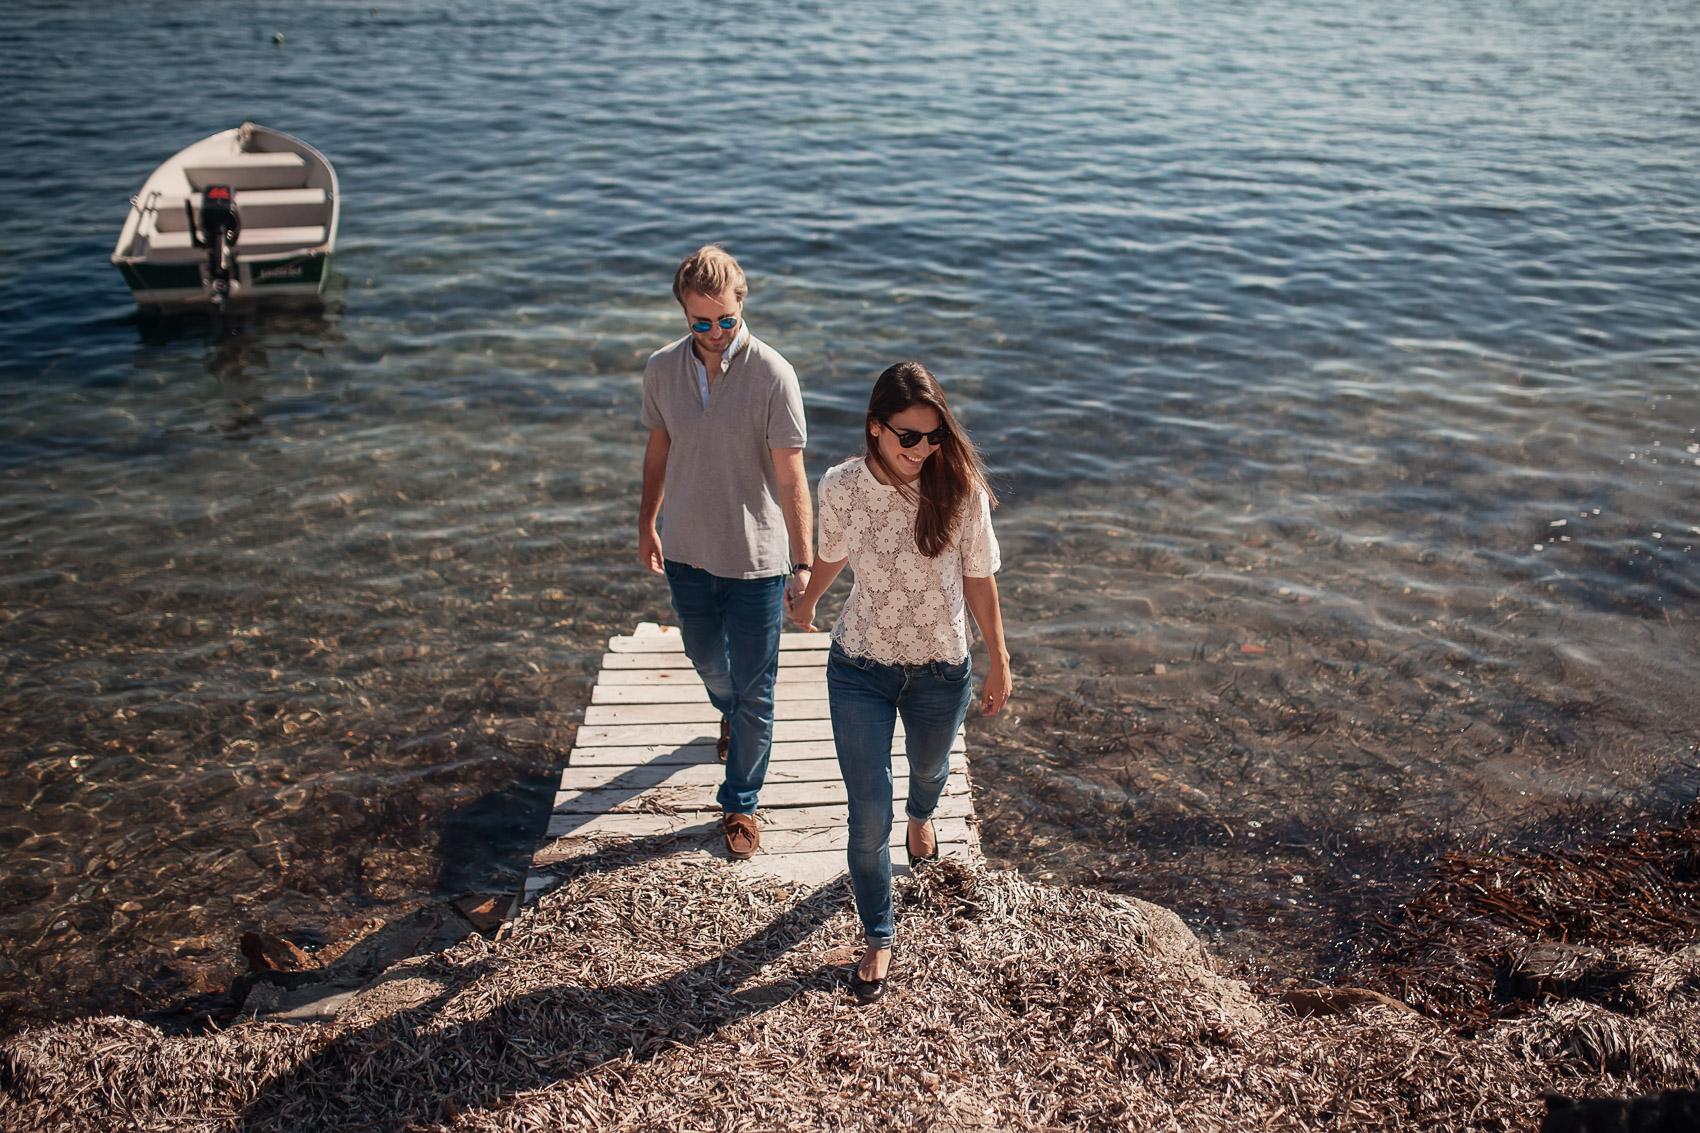 novios pareja beach casados mar rocas barco